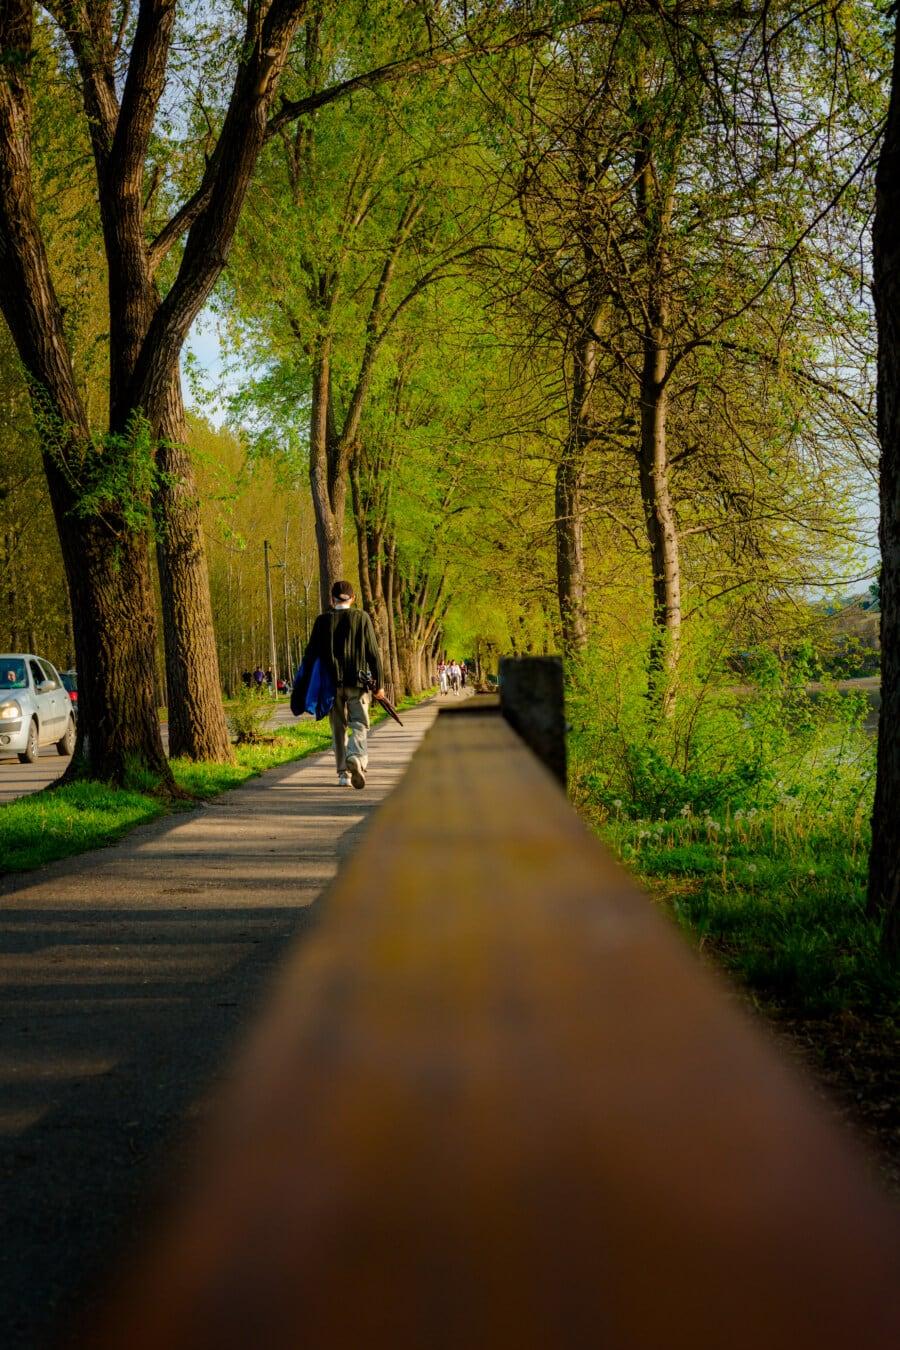 ruelle, pensionné, marche, trottoir, clôture, forêt, arbres, Itinéraire, paysage, parc